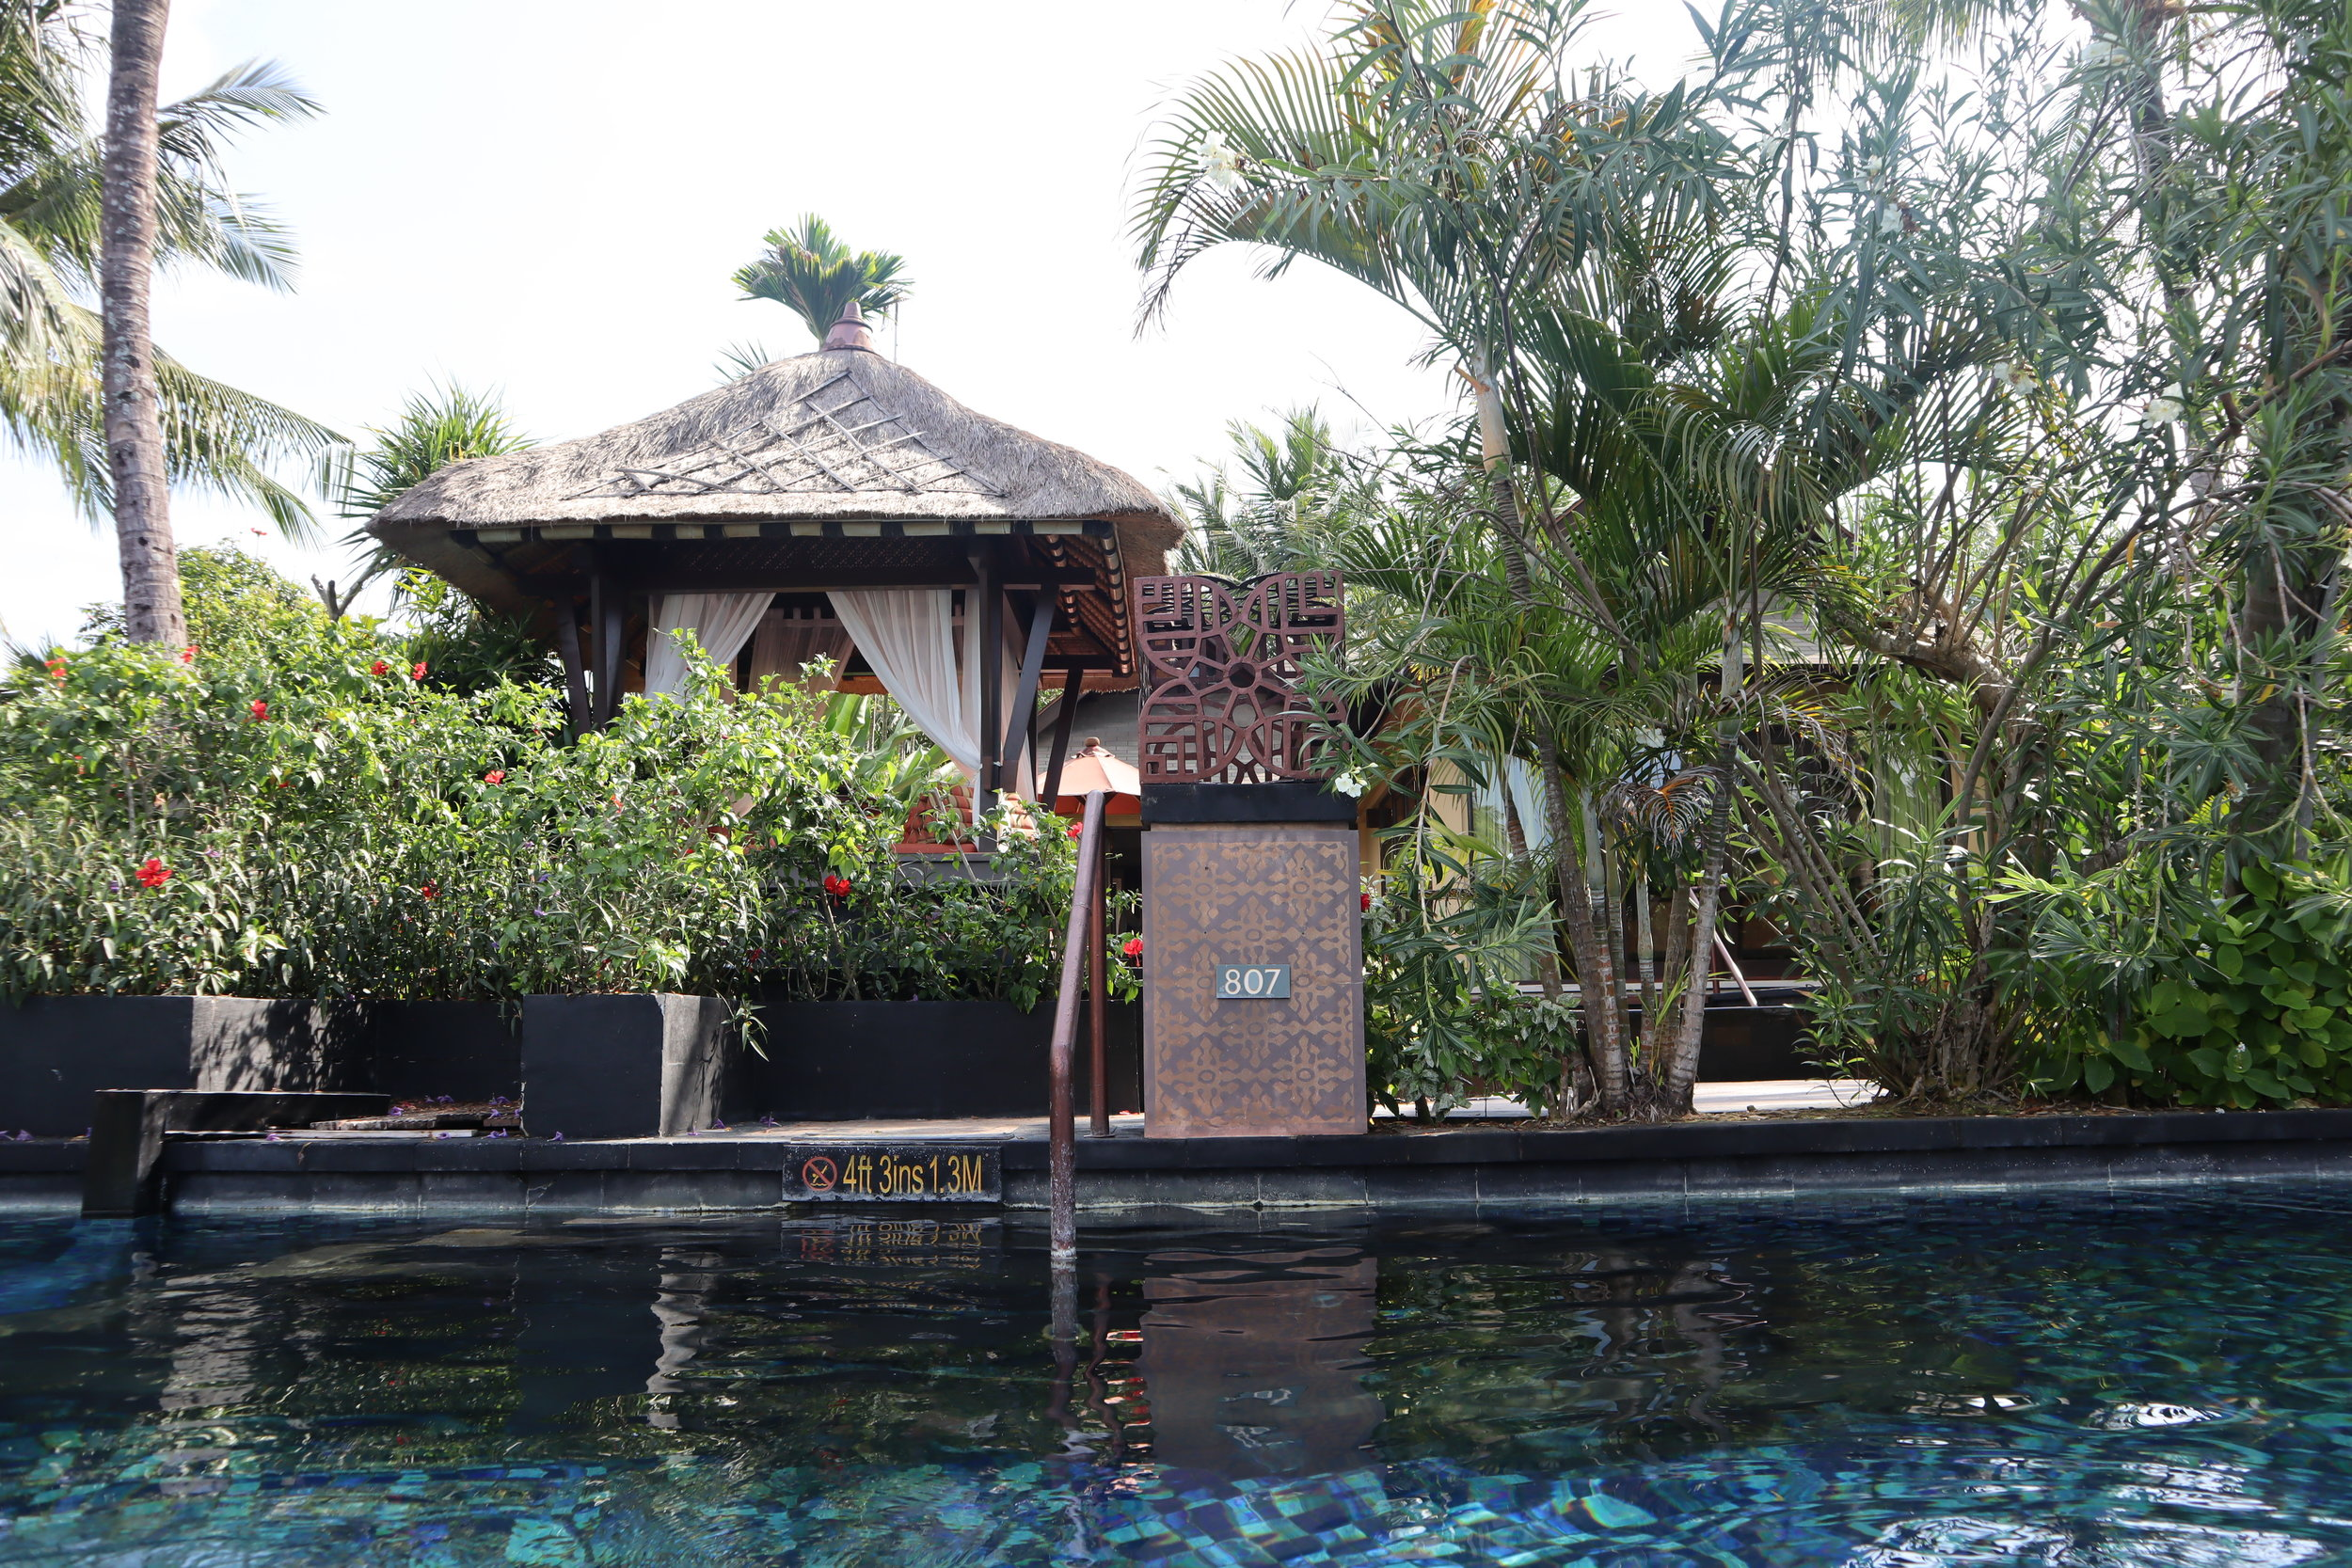 St. Regis Bali – Lagoon Villa